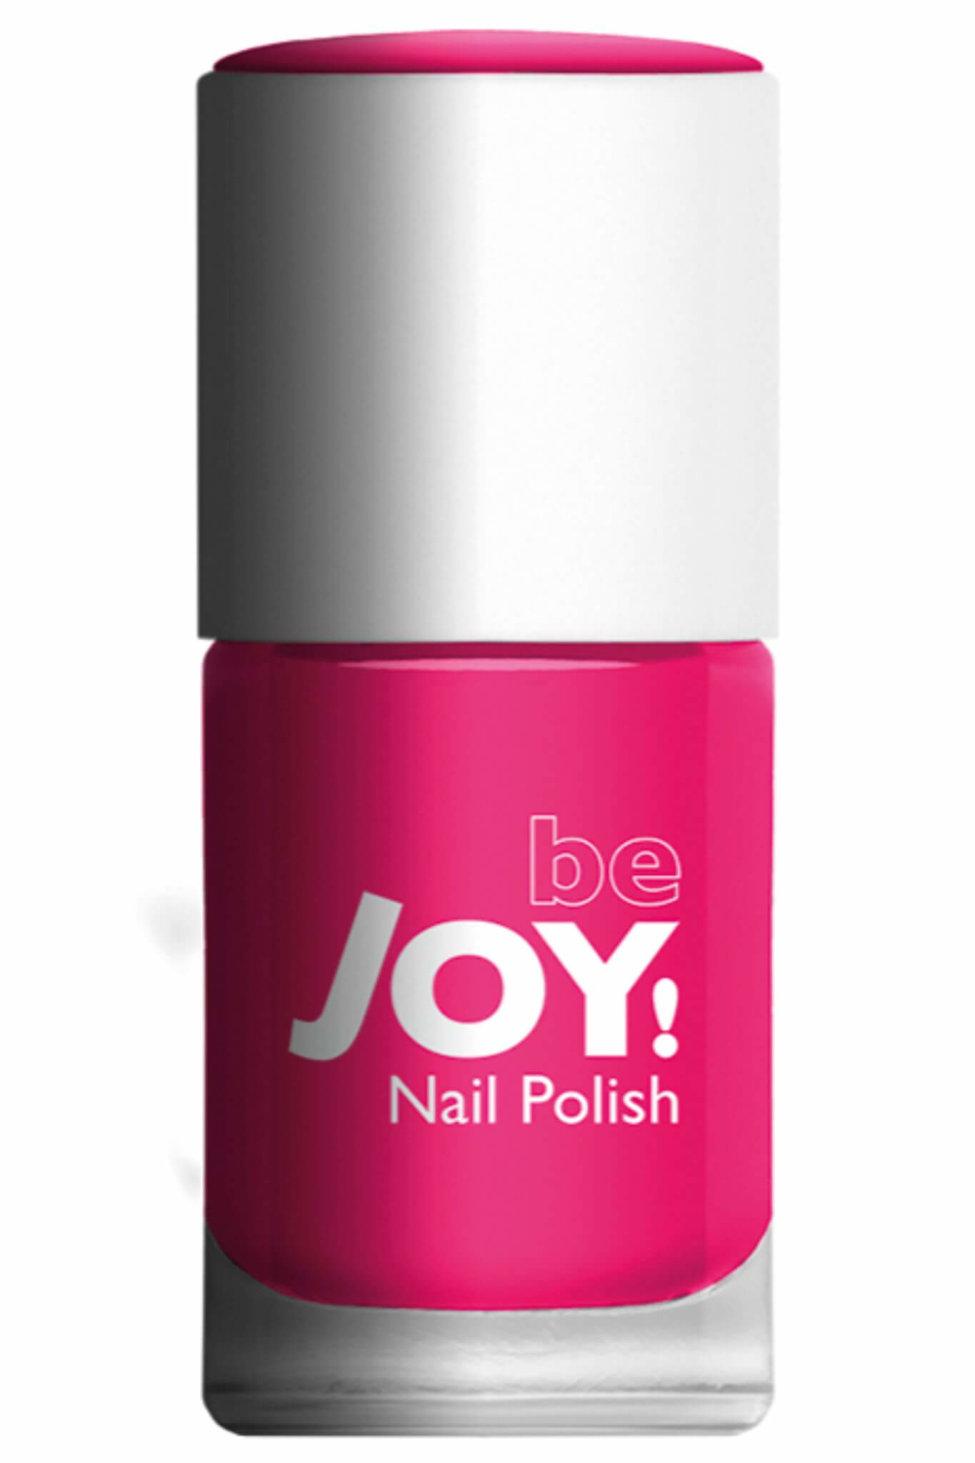 Be joy nail polish φούξια